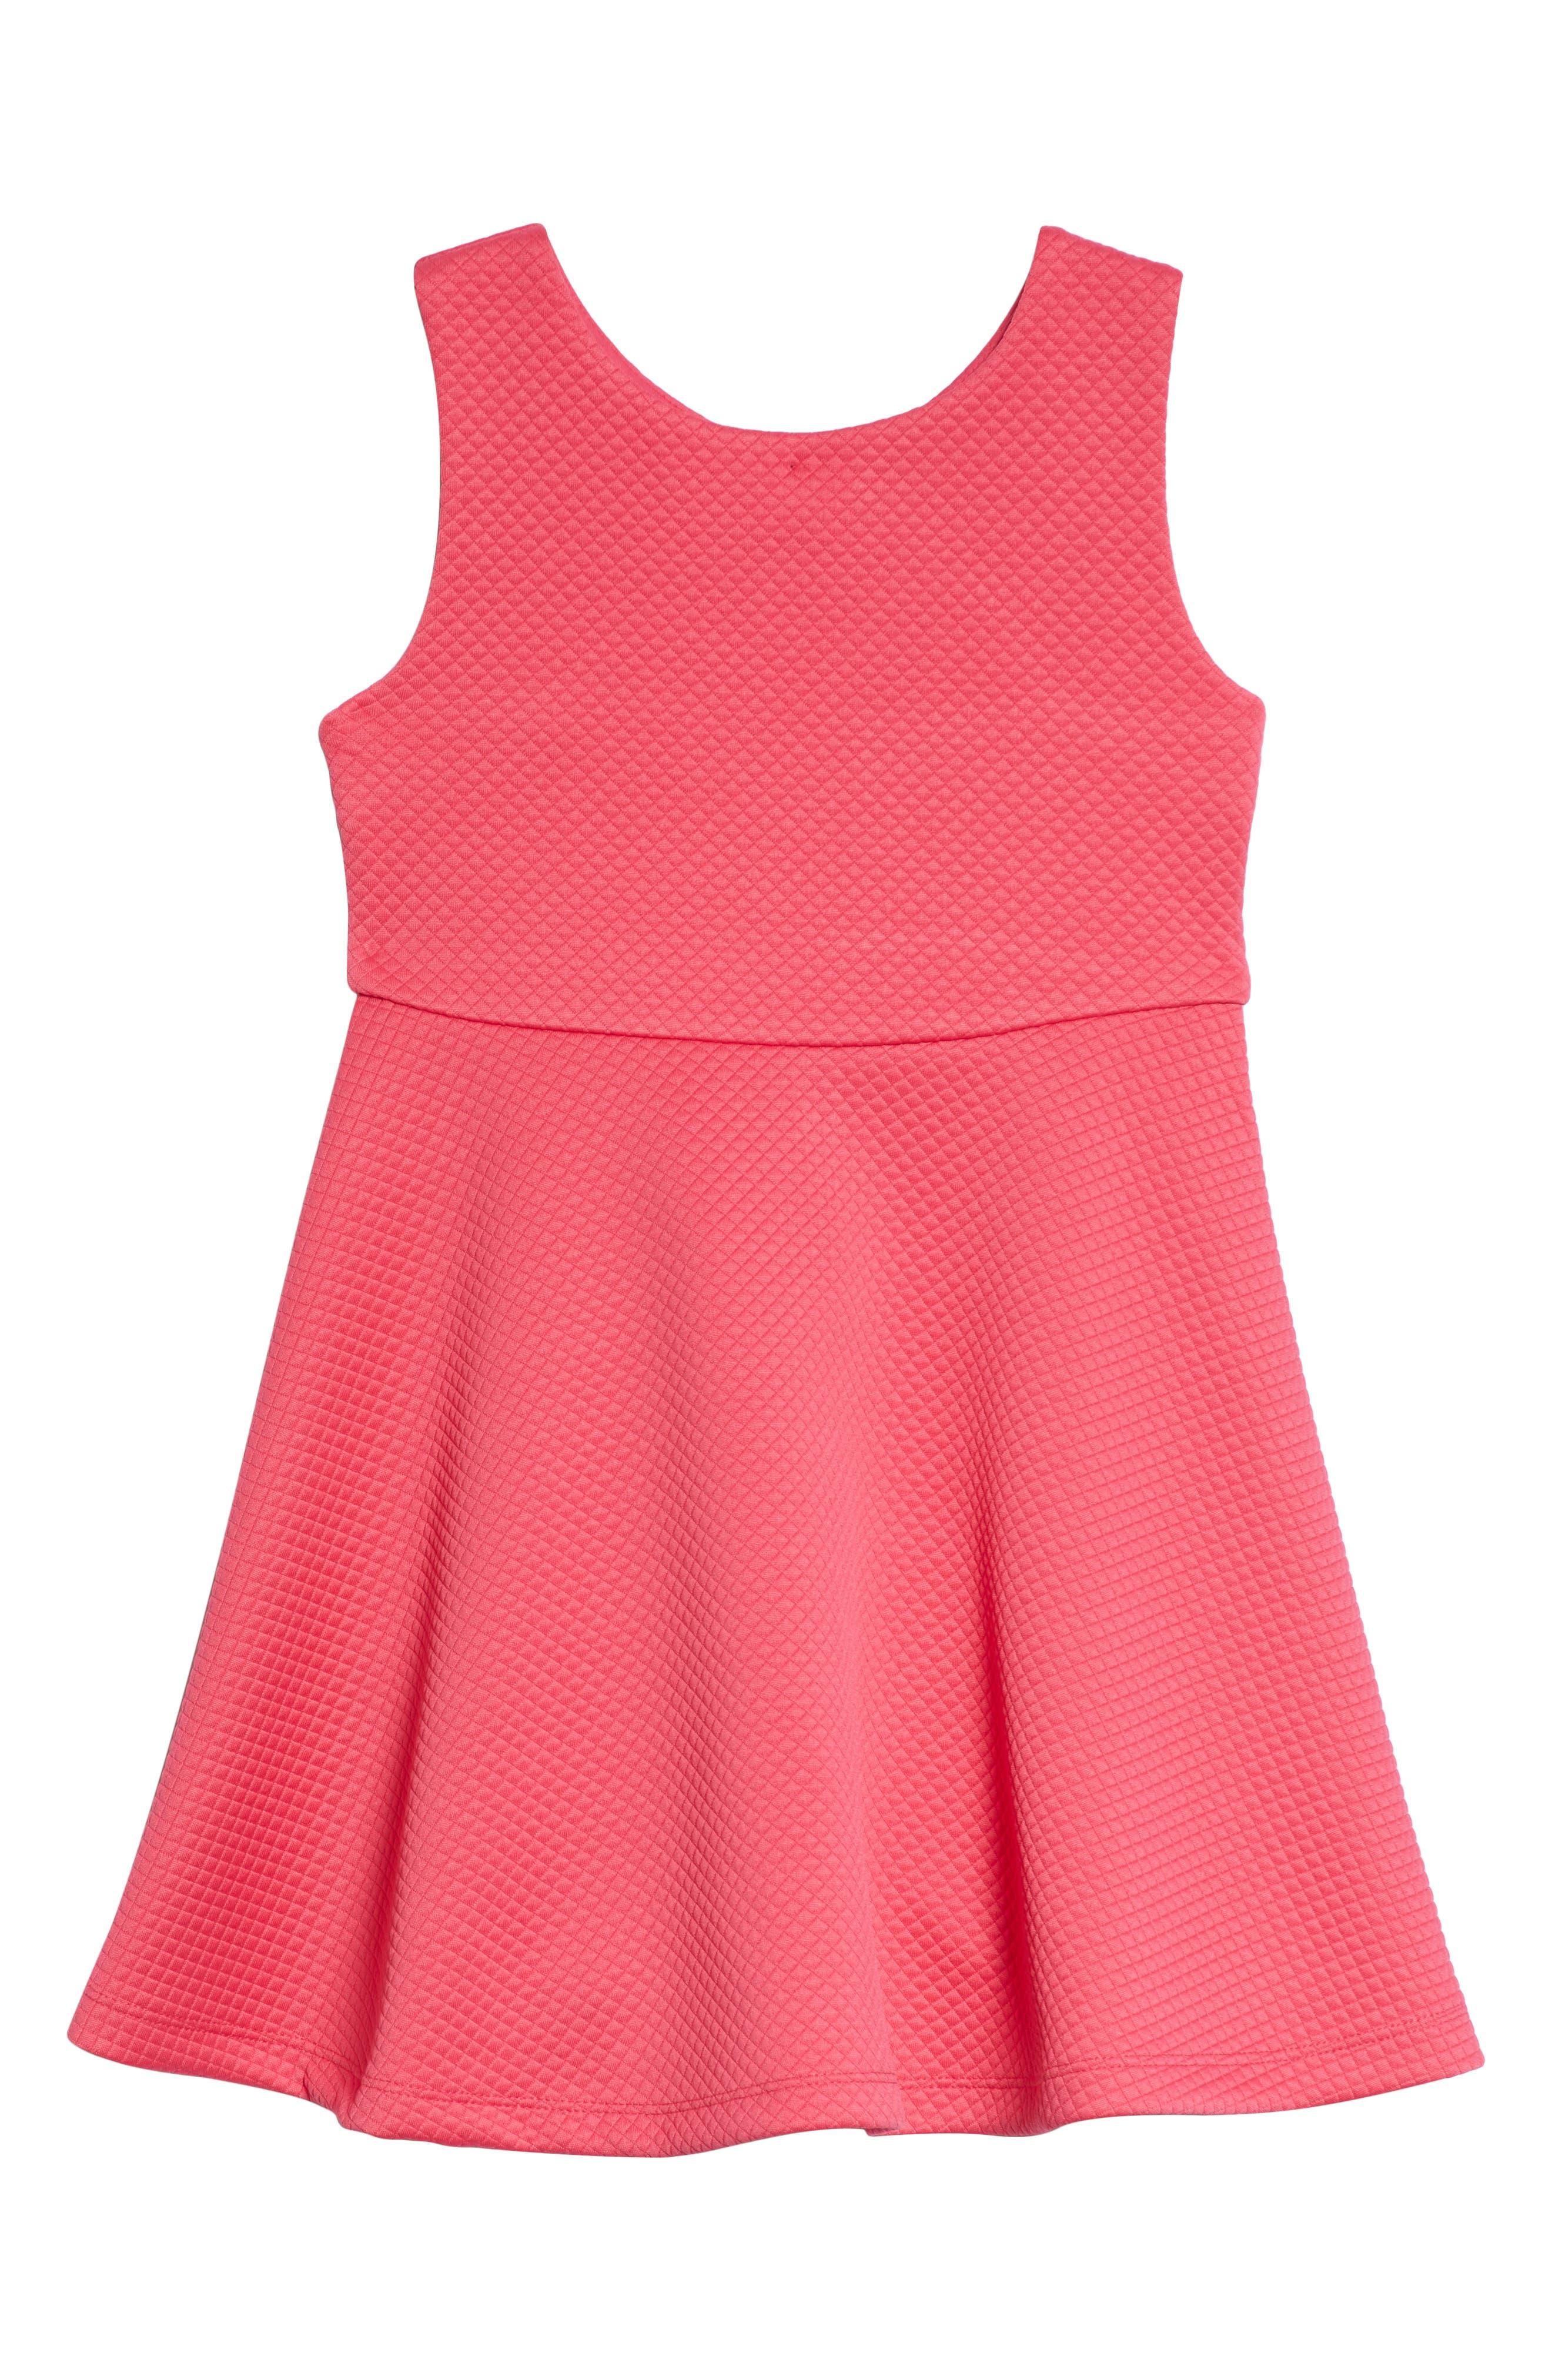 vivian dress,                             Main thumbnail 1, color,                             Camilla Pink